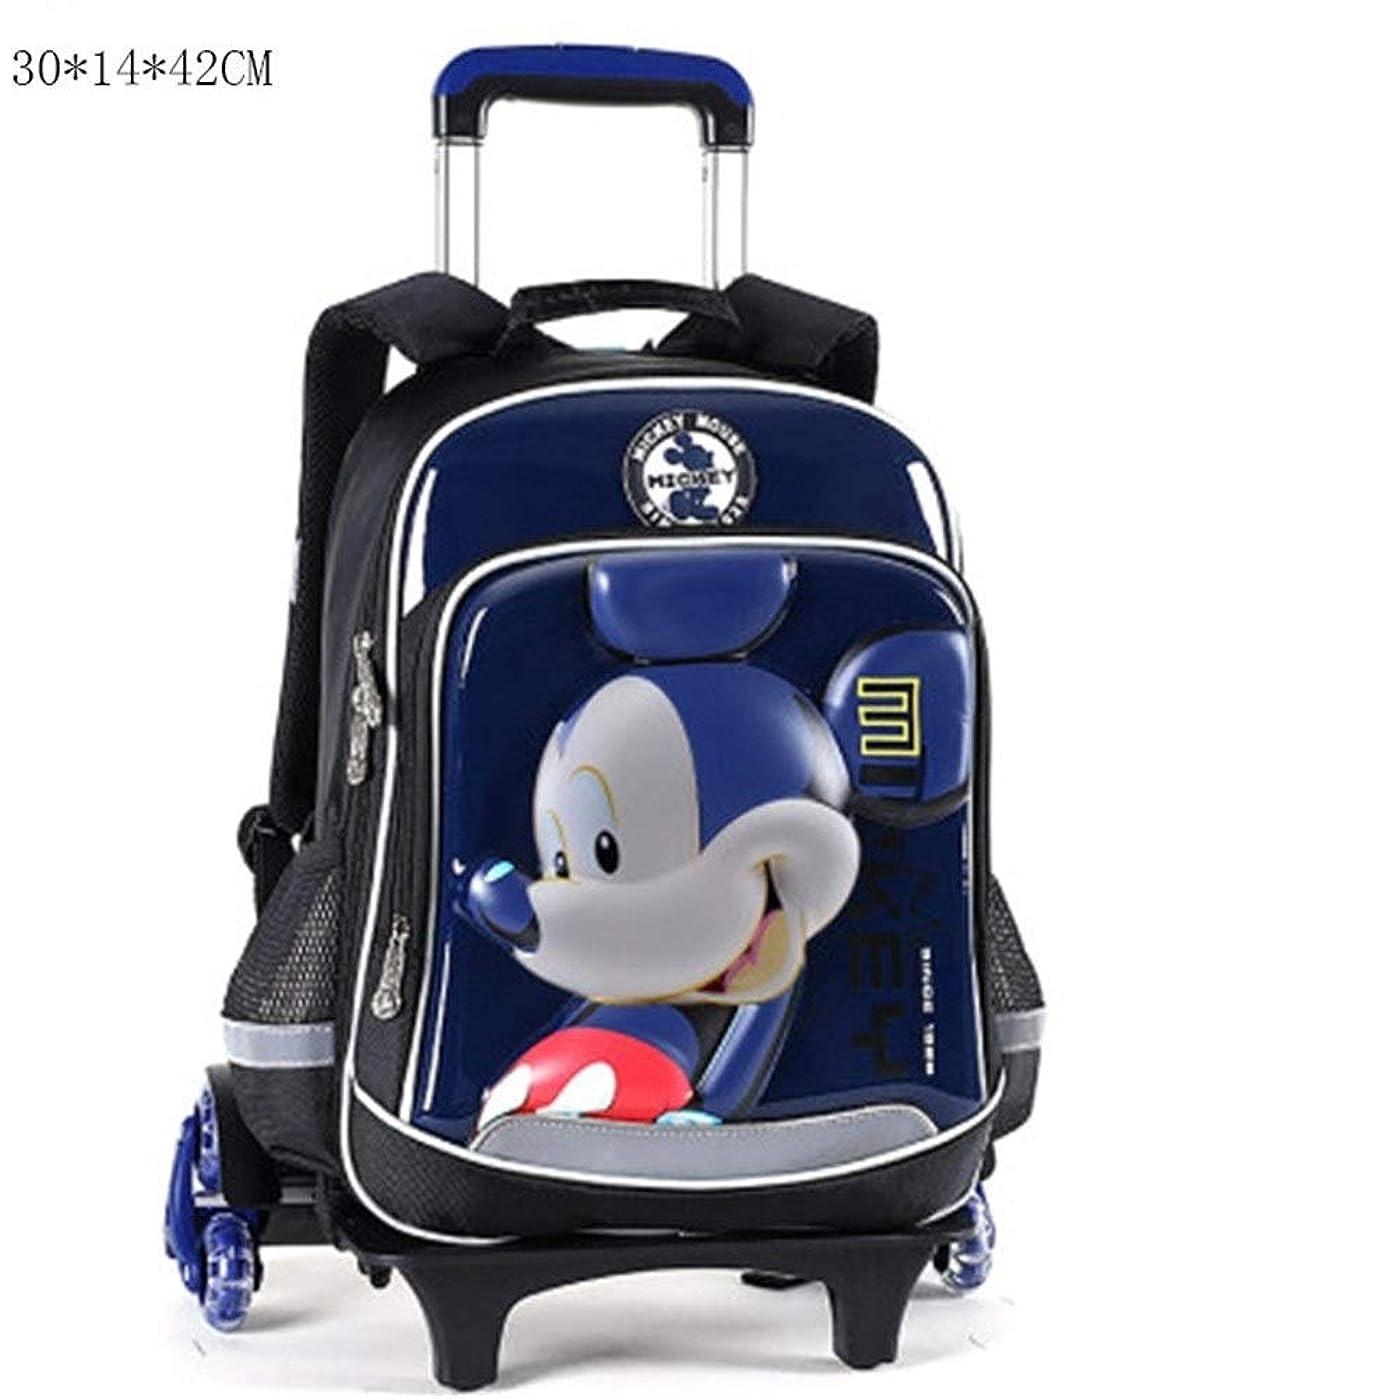 バトル検索エンジン最適化拮抗するHUOQILIN 子供トロリー男の子と女の子の通学トロリーバックデュアルユースバッグ (Color : B)